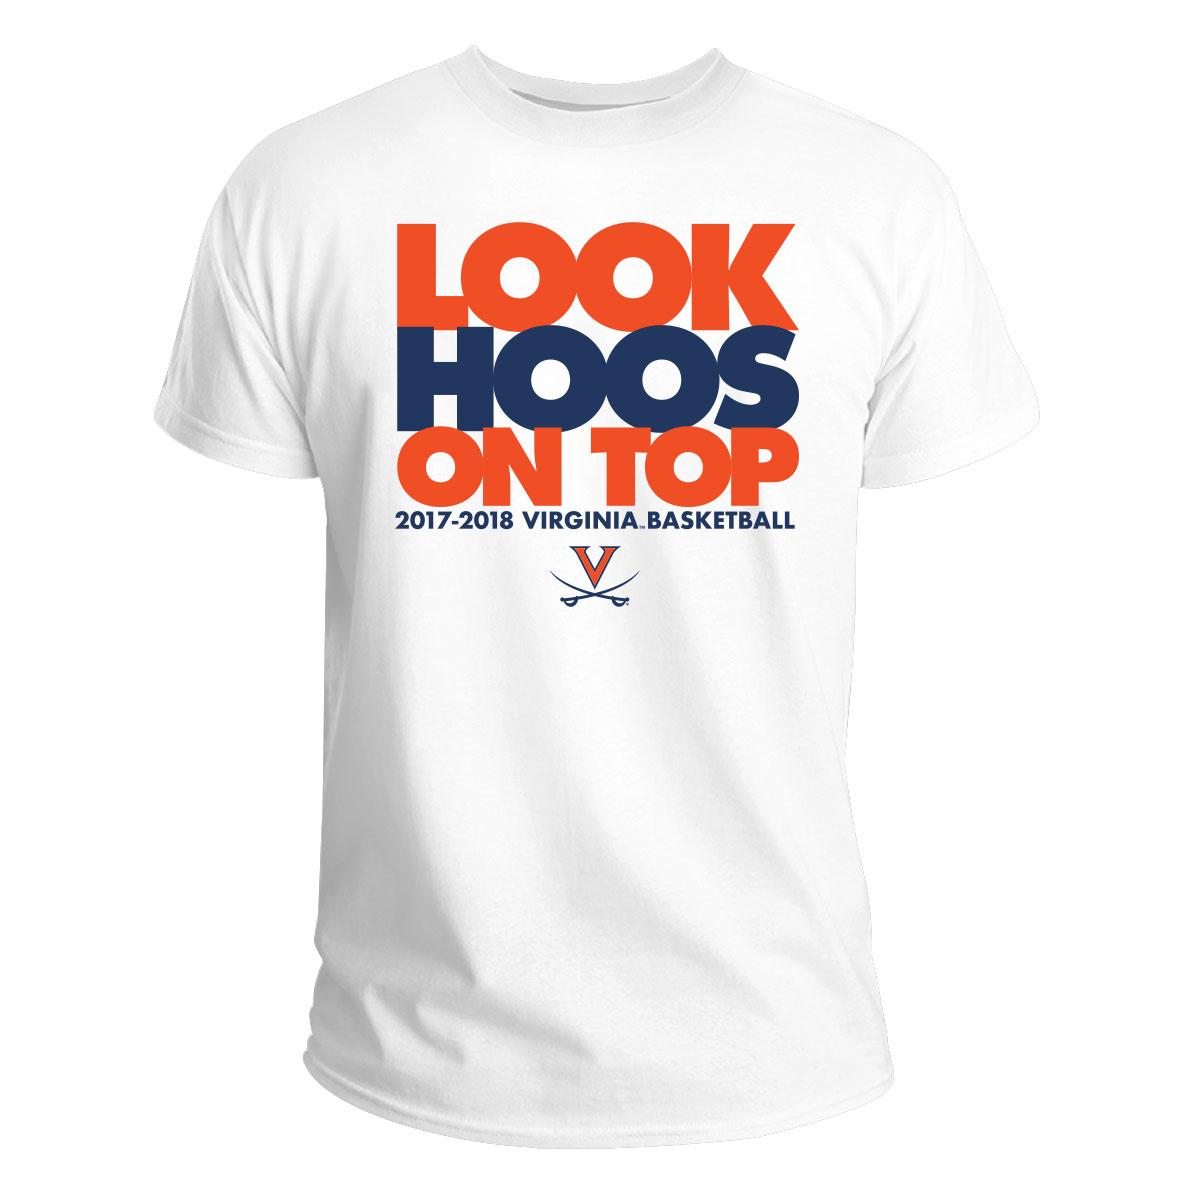 University of Virginia Look Hoos on Top T-shirt